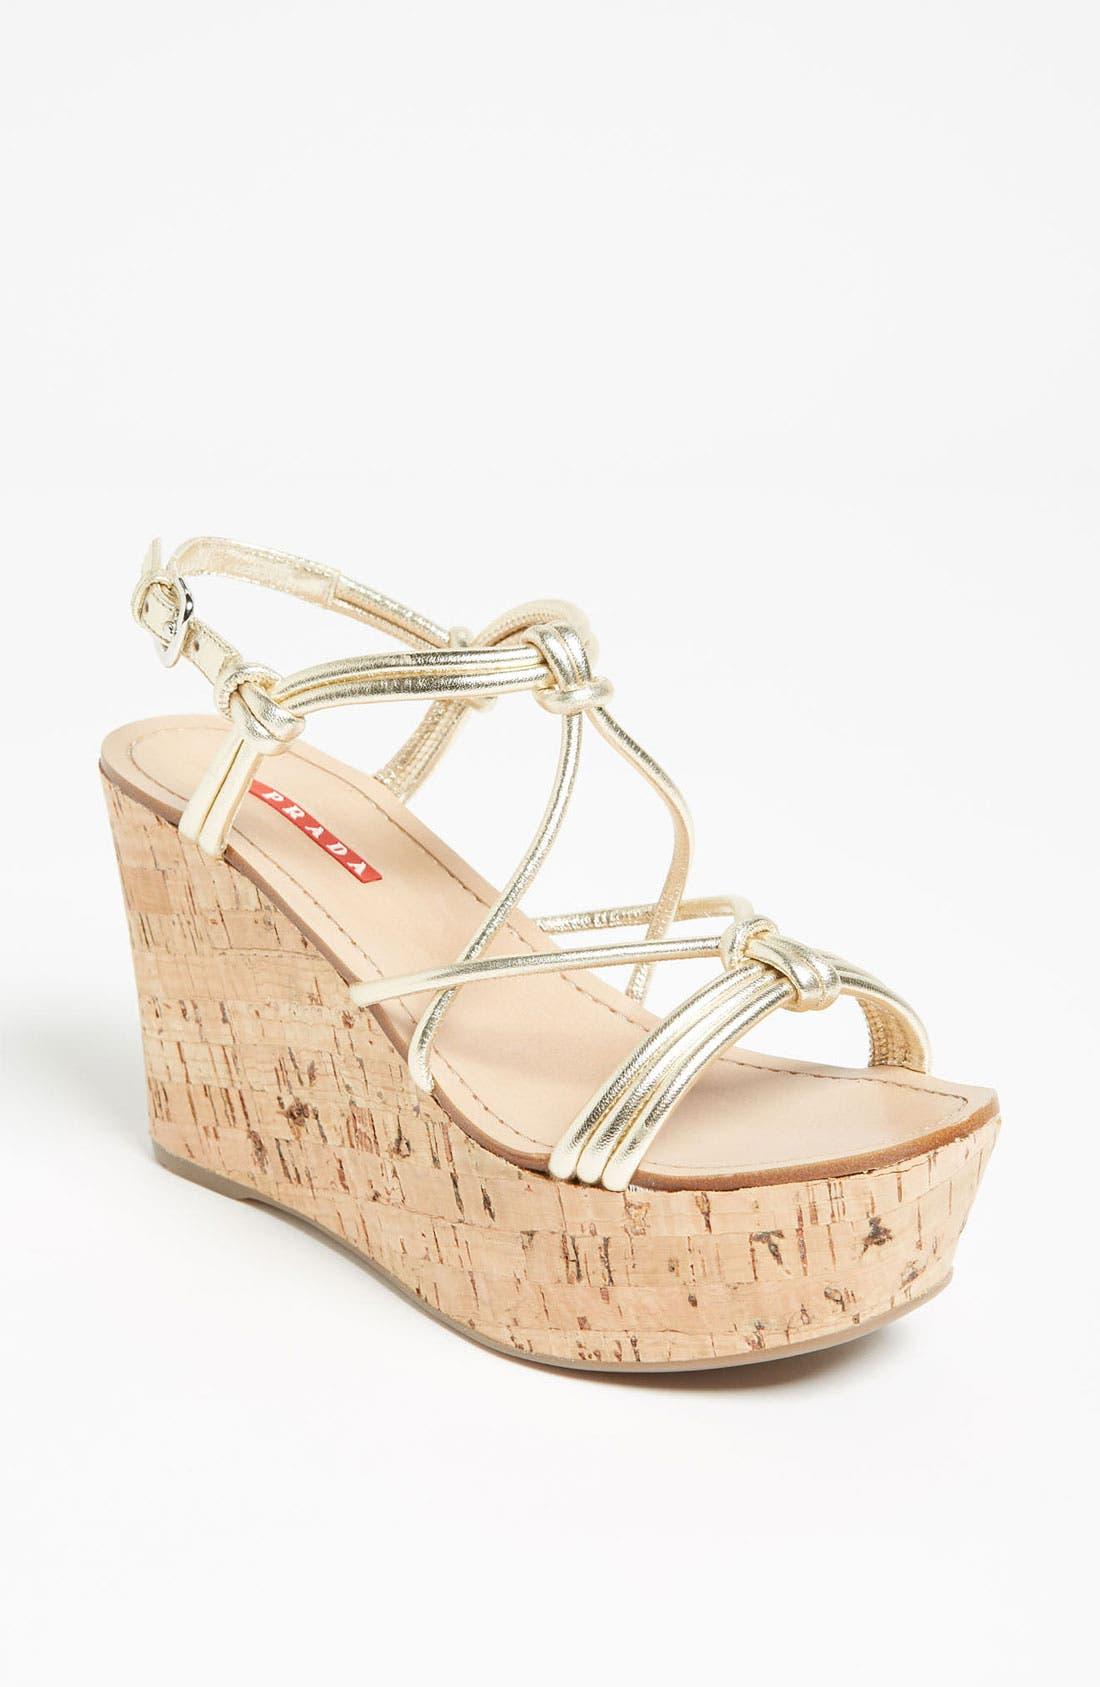 Alternate Image 1 Selected - Prada Cork Wedge Sandal